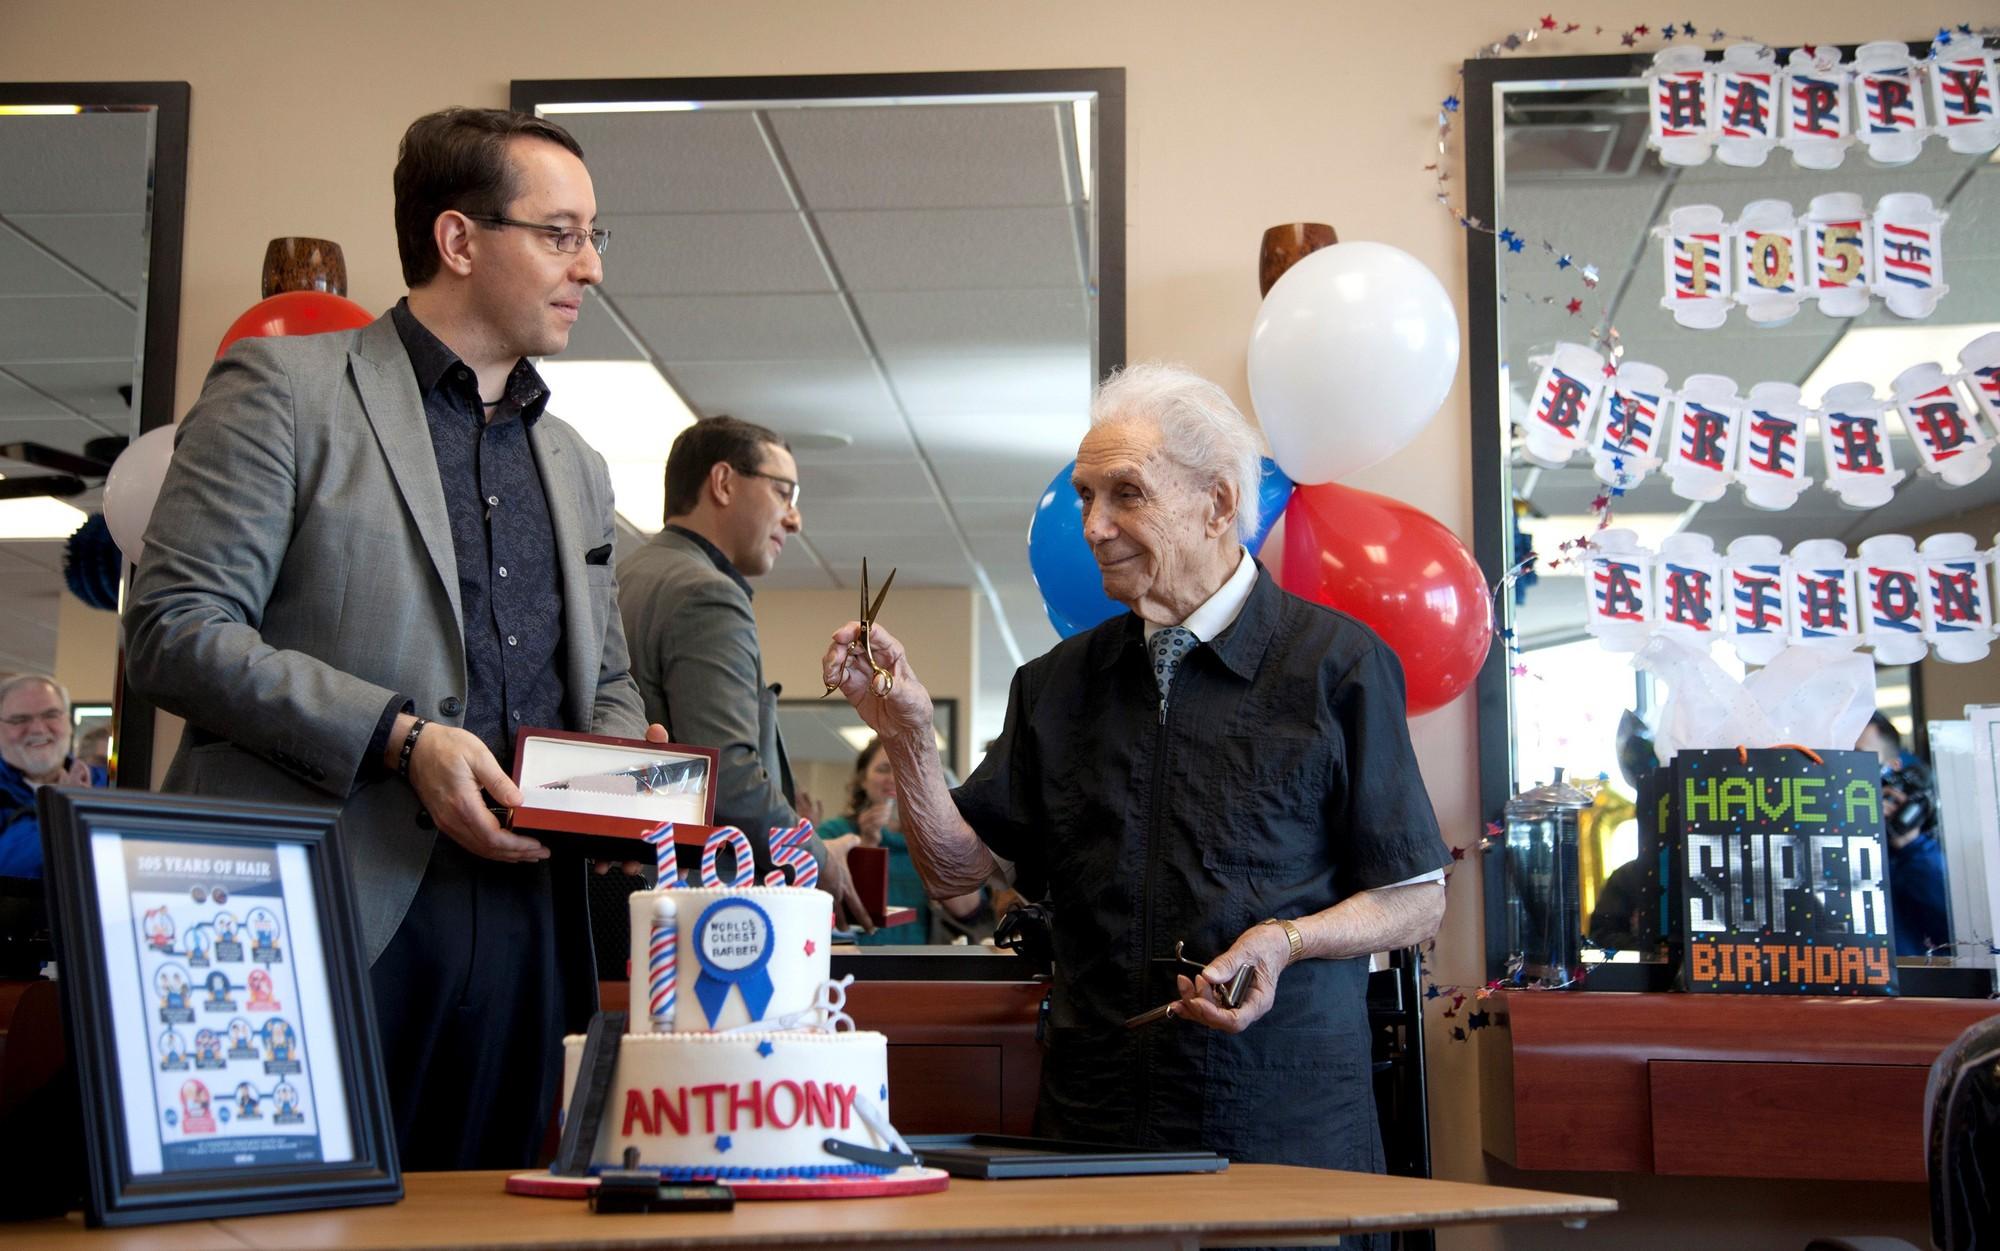 Thợ cắt tóc già nhất thế giới vẫn nhiệt tình với công việc ở tuổi 107 (13/12/2018)